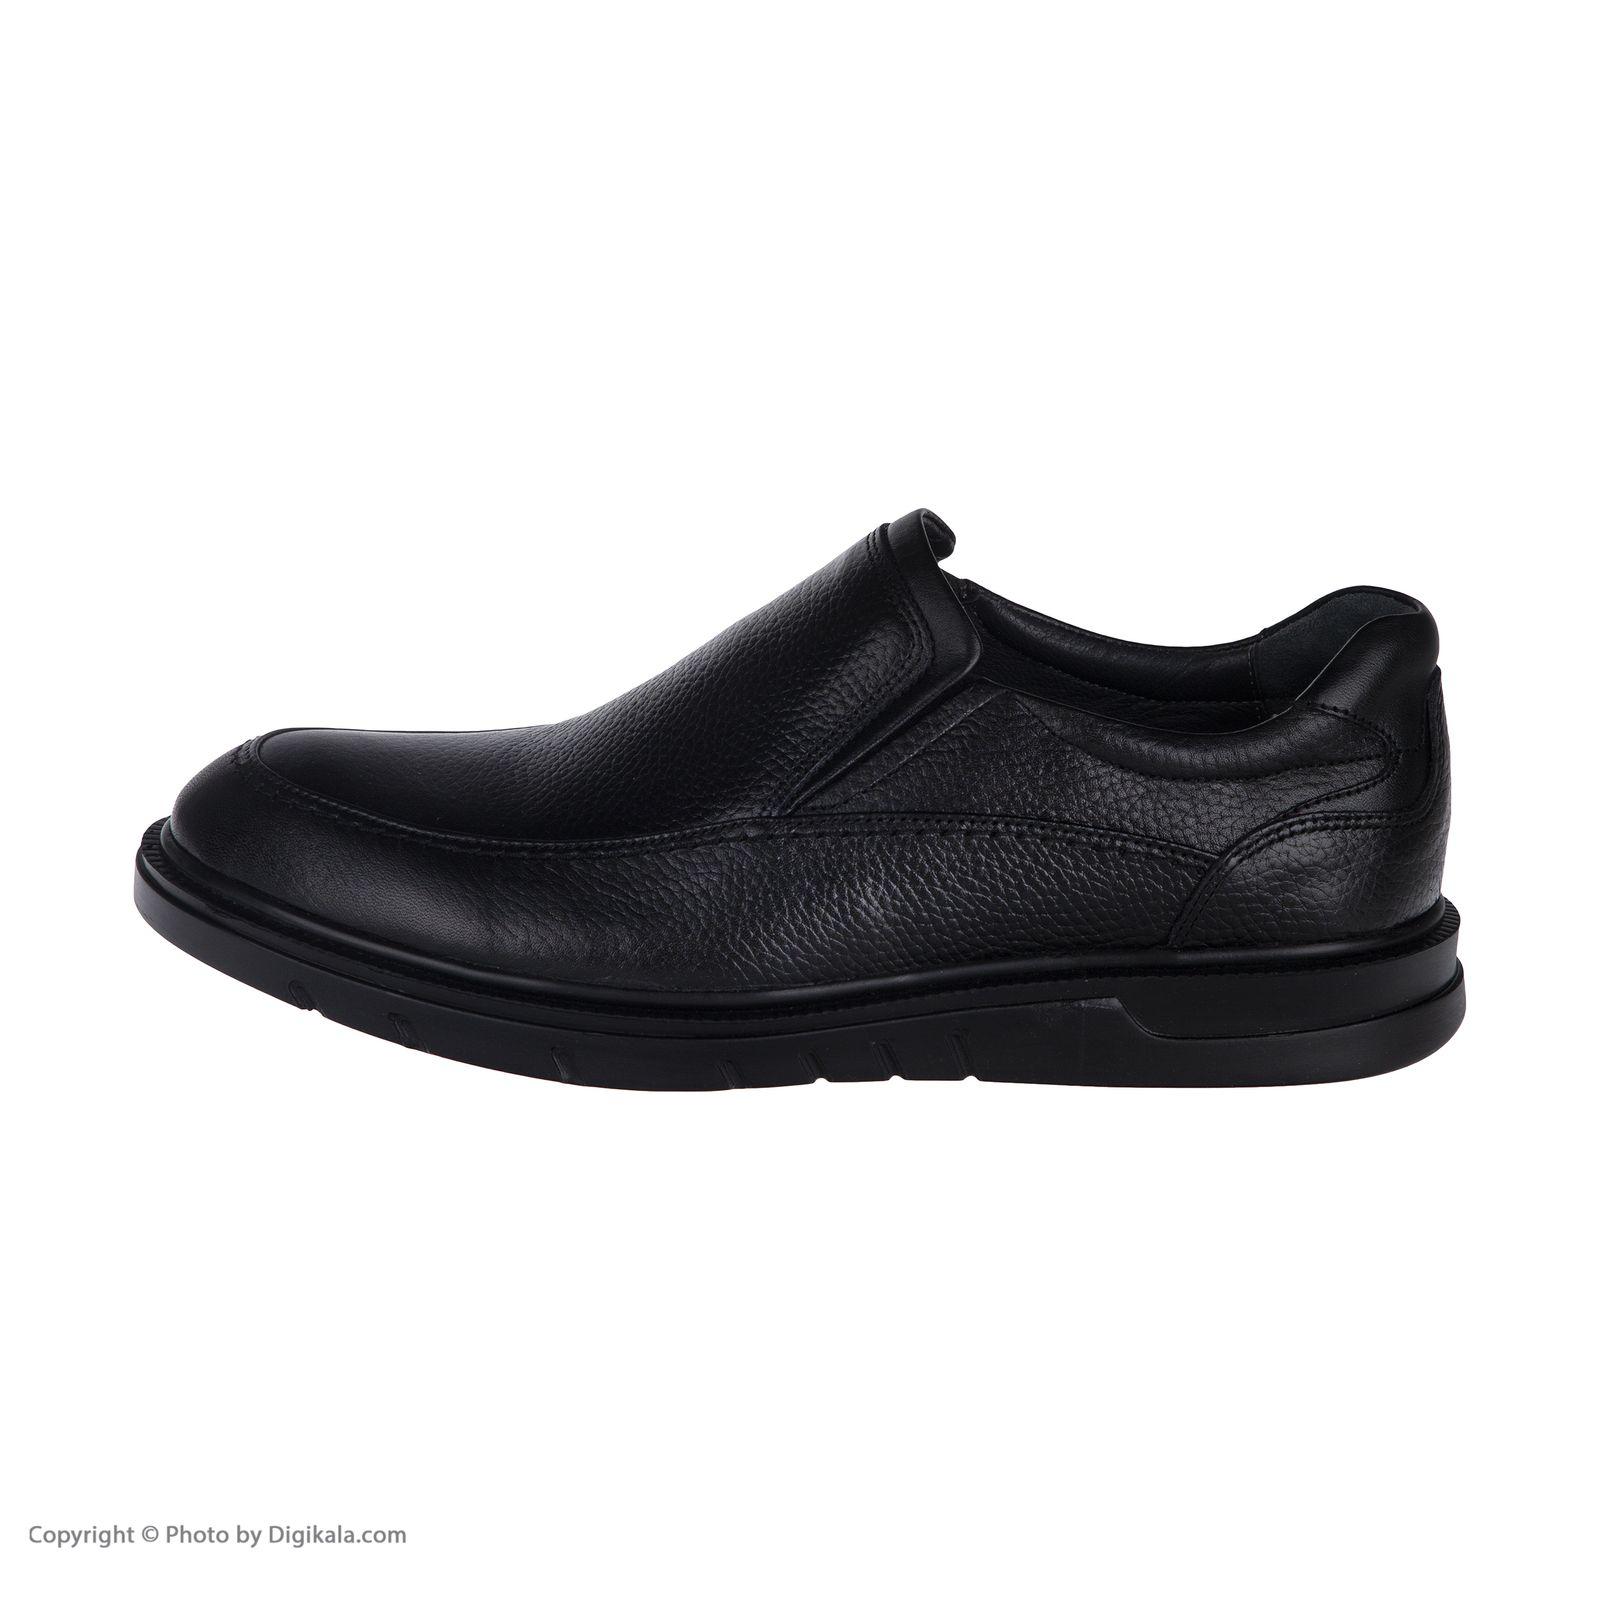 کفش روزمره مردانه بلوط مدل 7240A503101 -  - 3